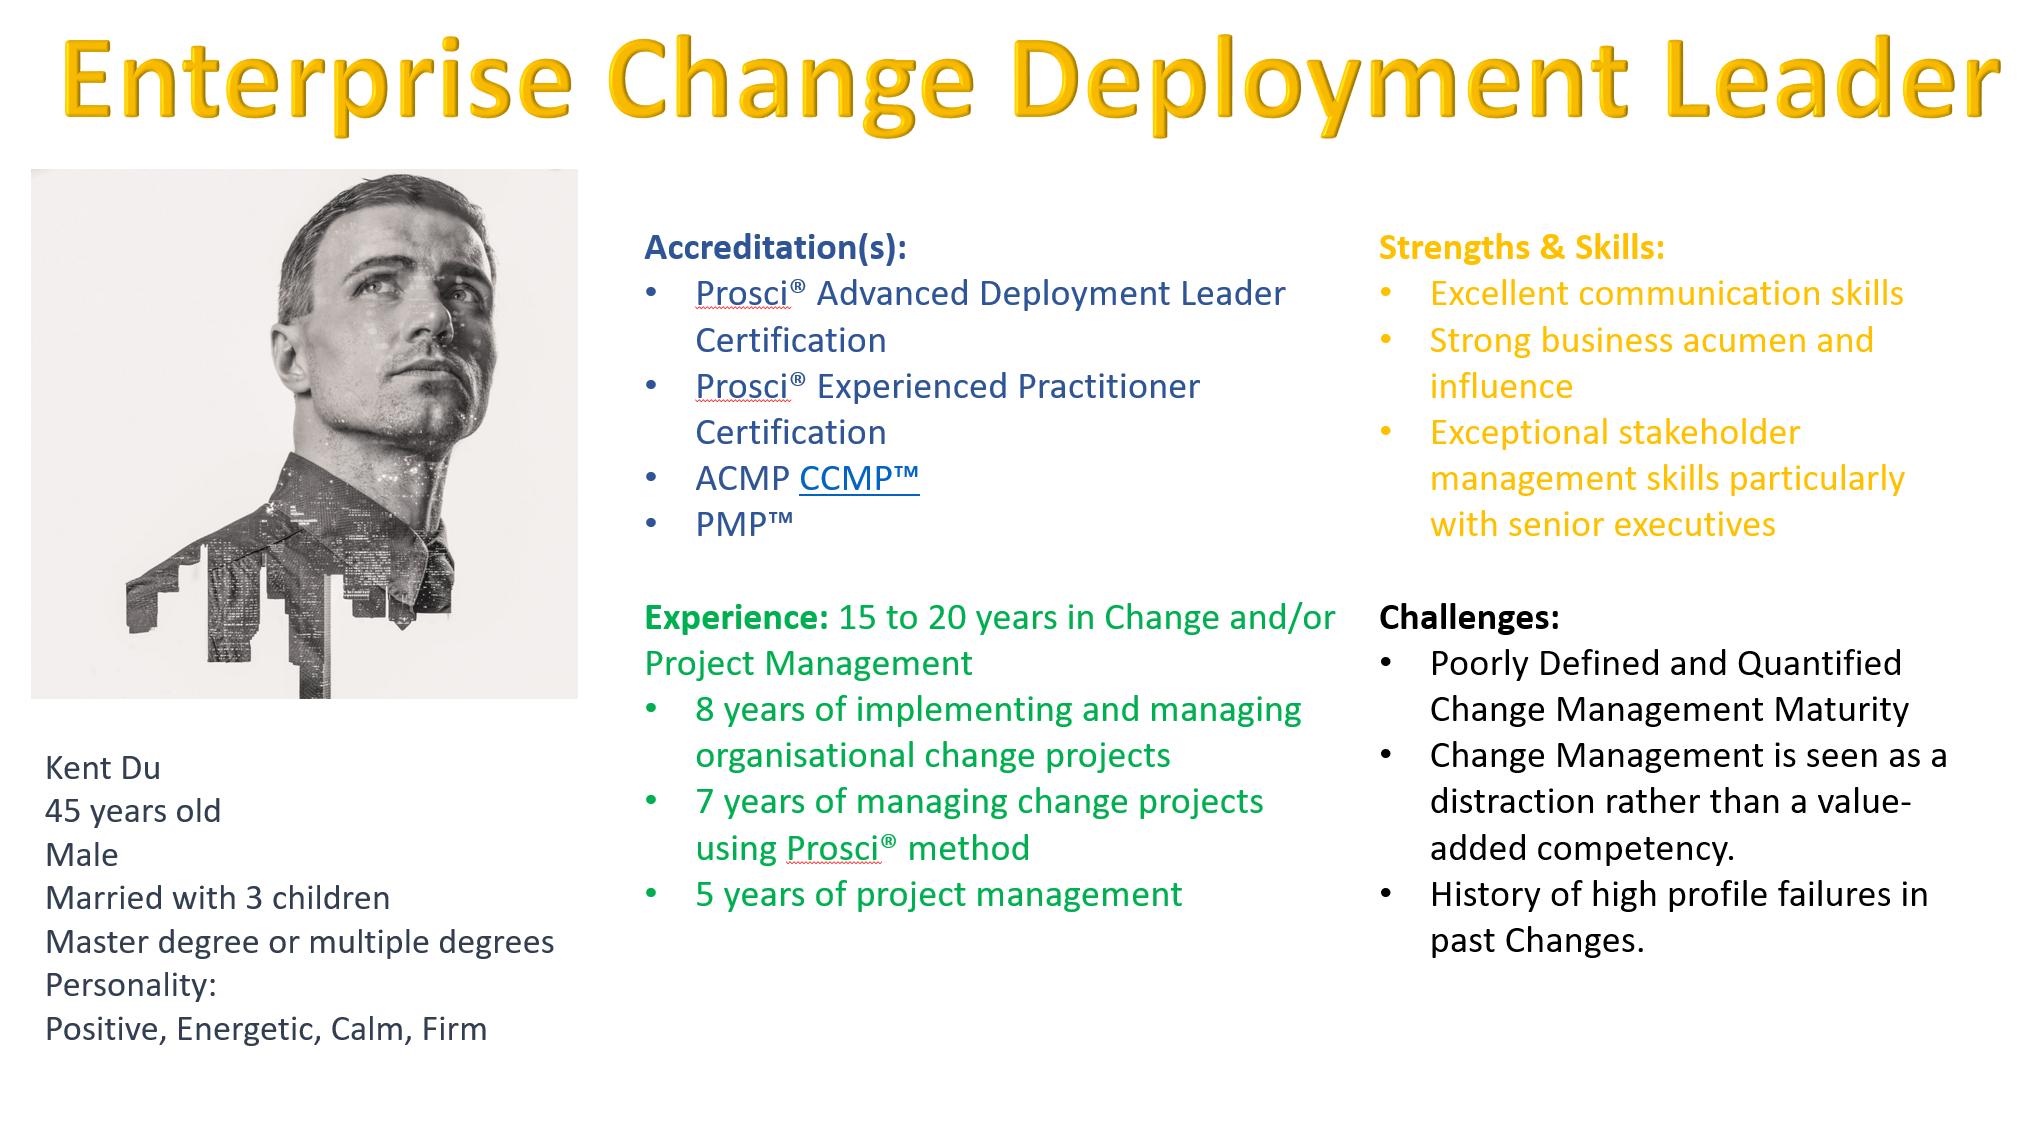 enterprise-change-deployment-leader